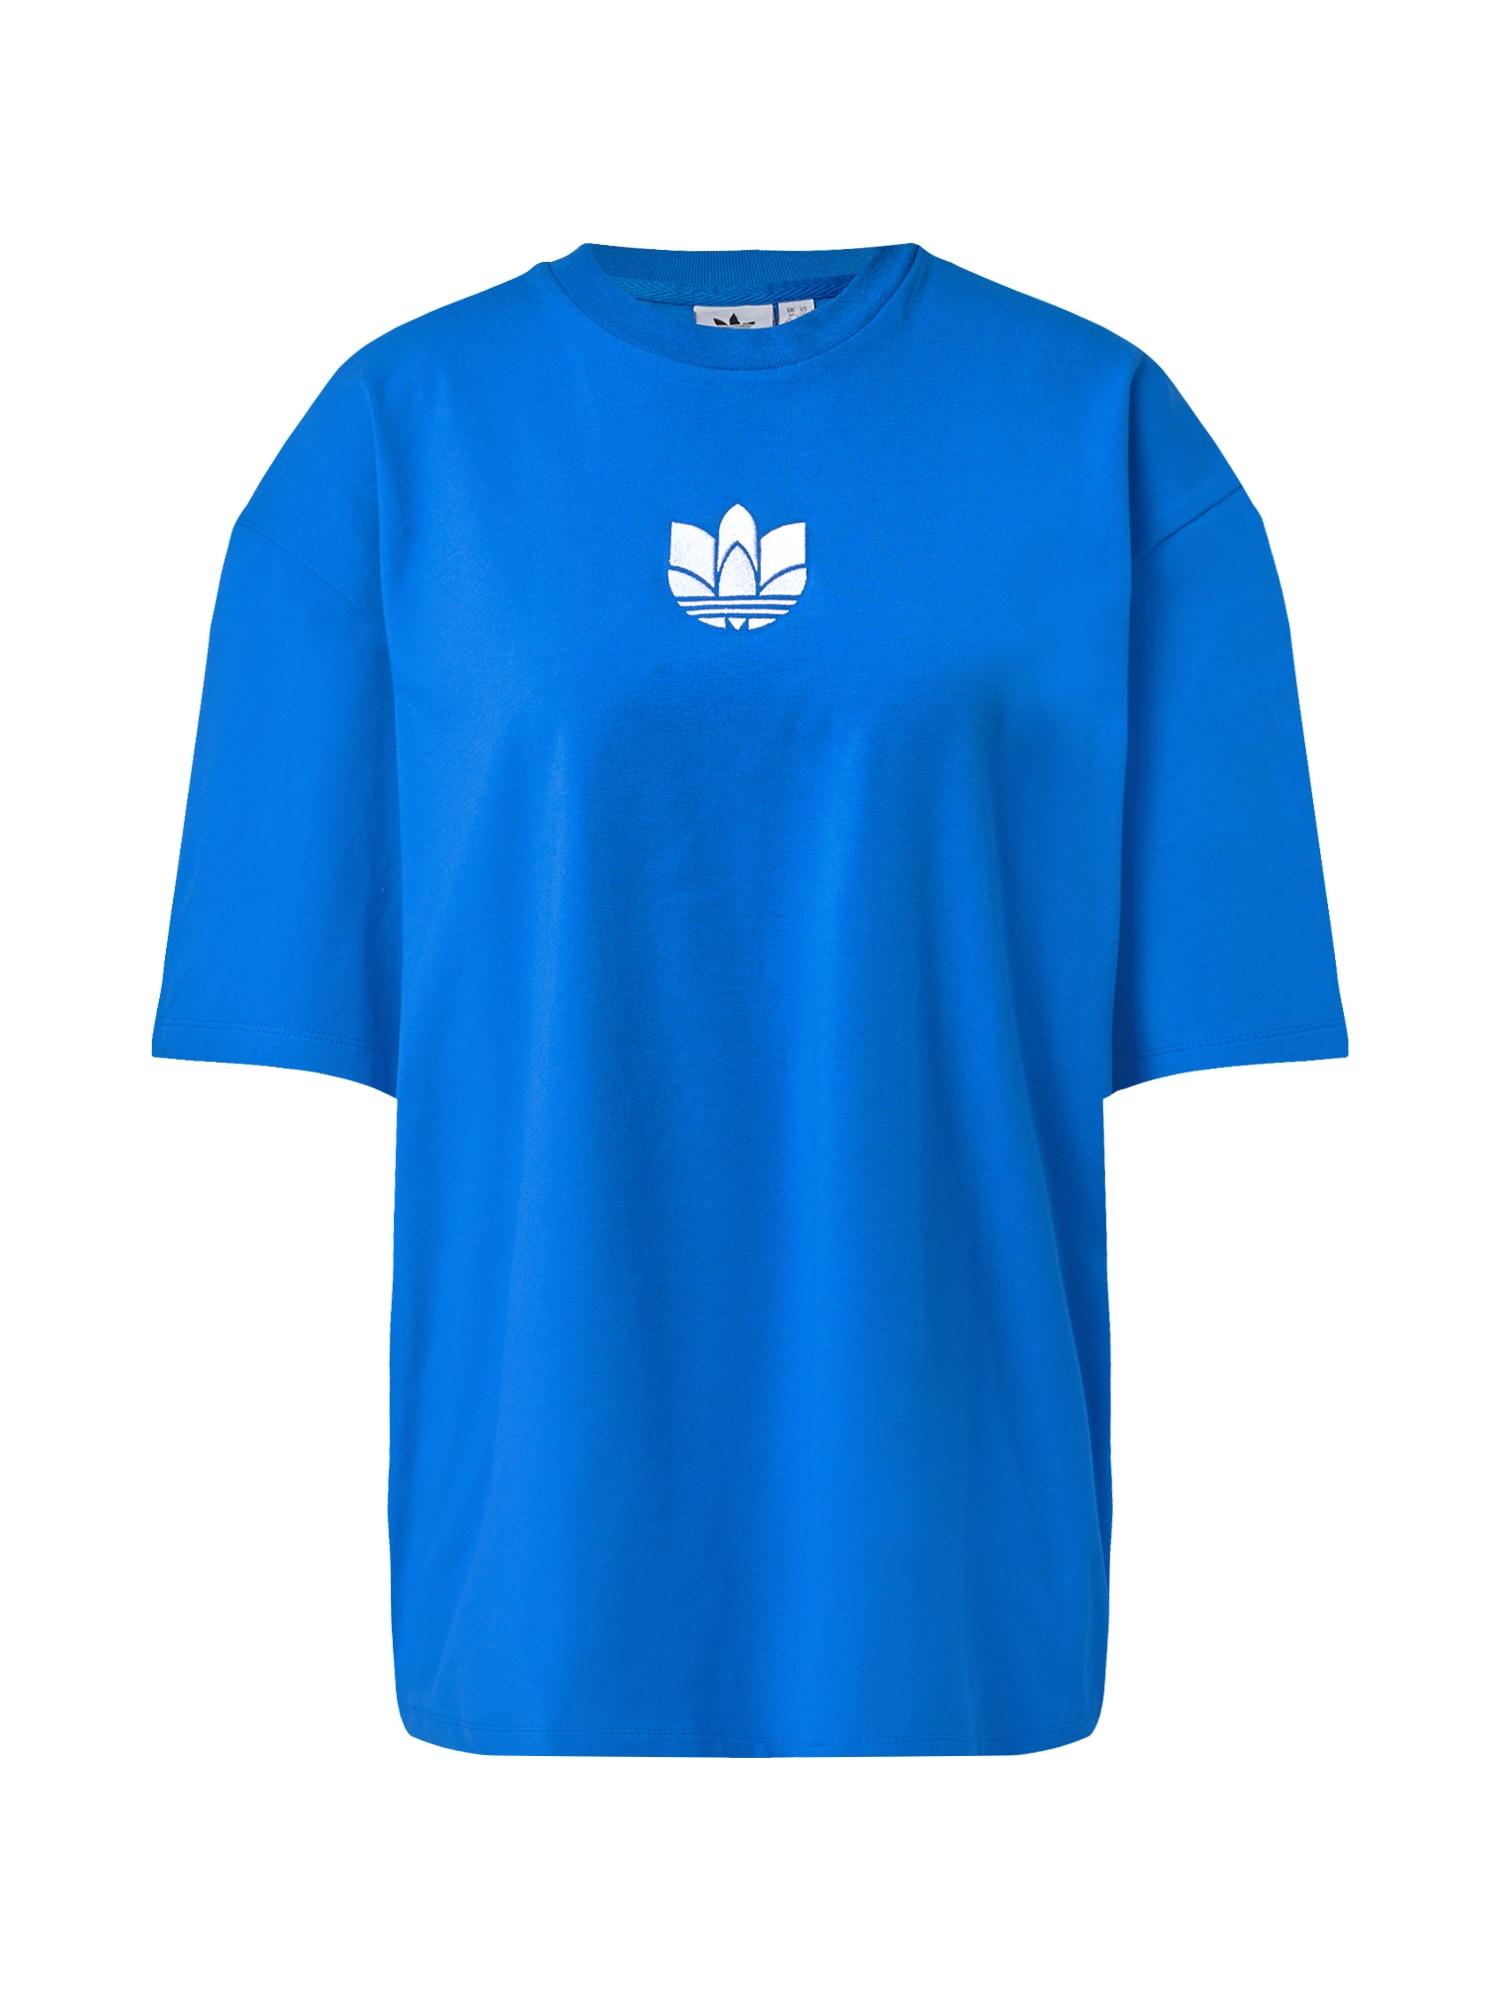 ADIDAS ORIGINALS Tričko  modrá